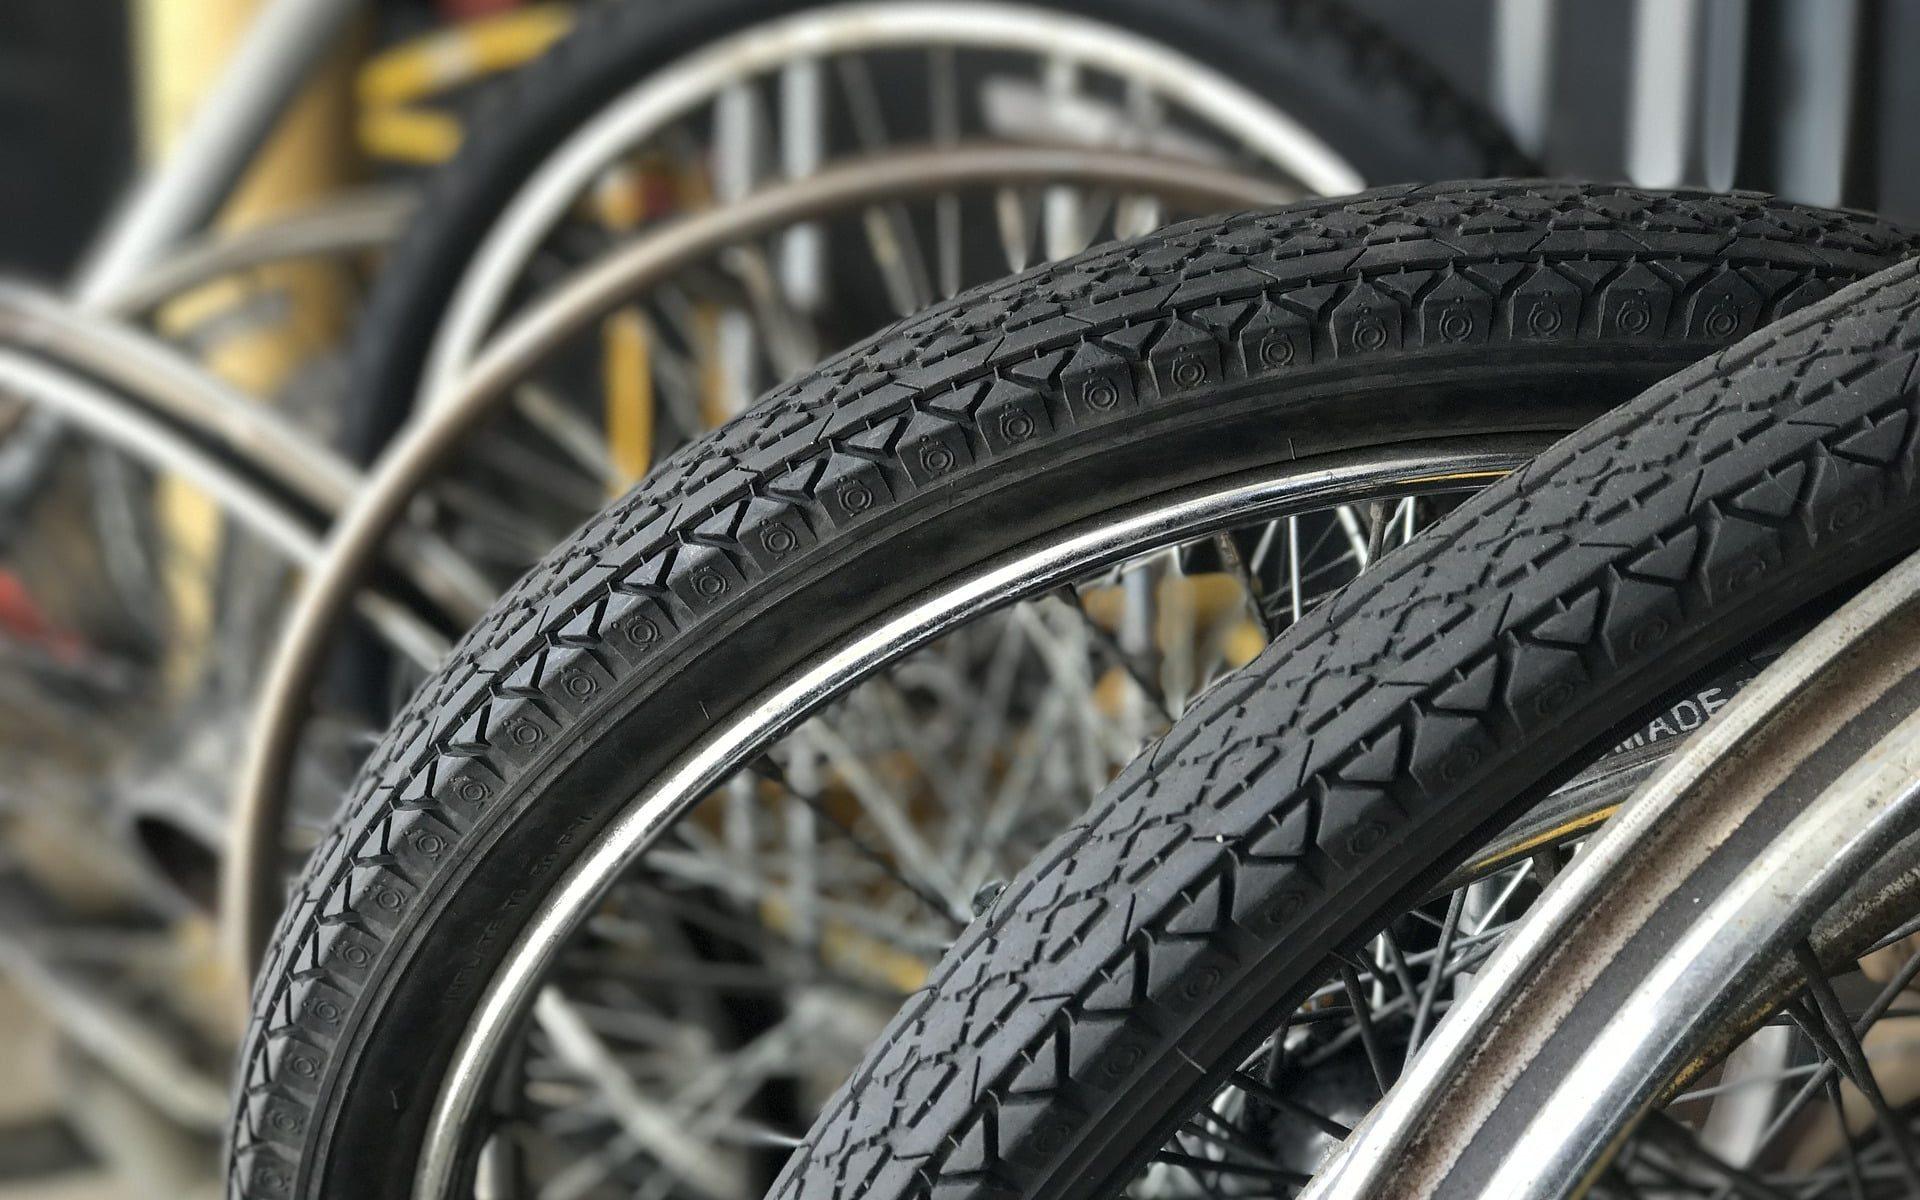 Fahrradreifen Ratgeber - Anleitungen 🚲 Infos 🚲 Vergleich ⚒ FRnet